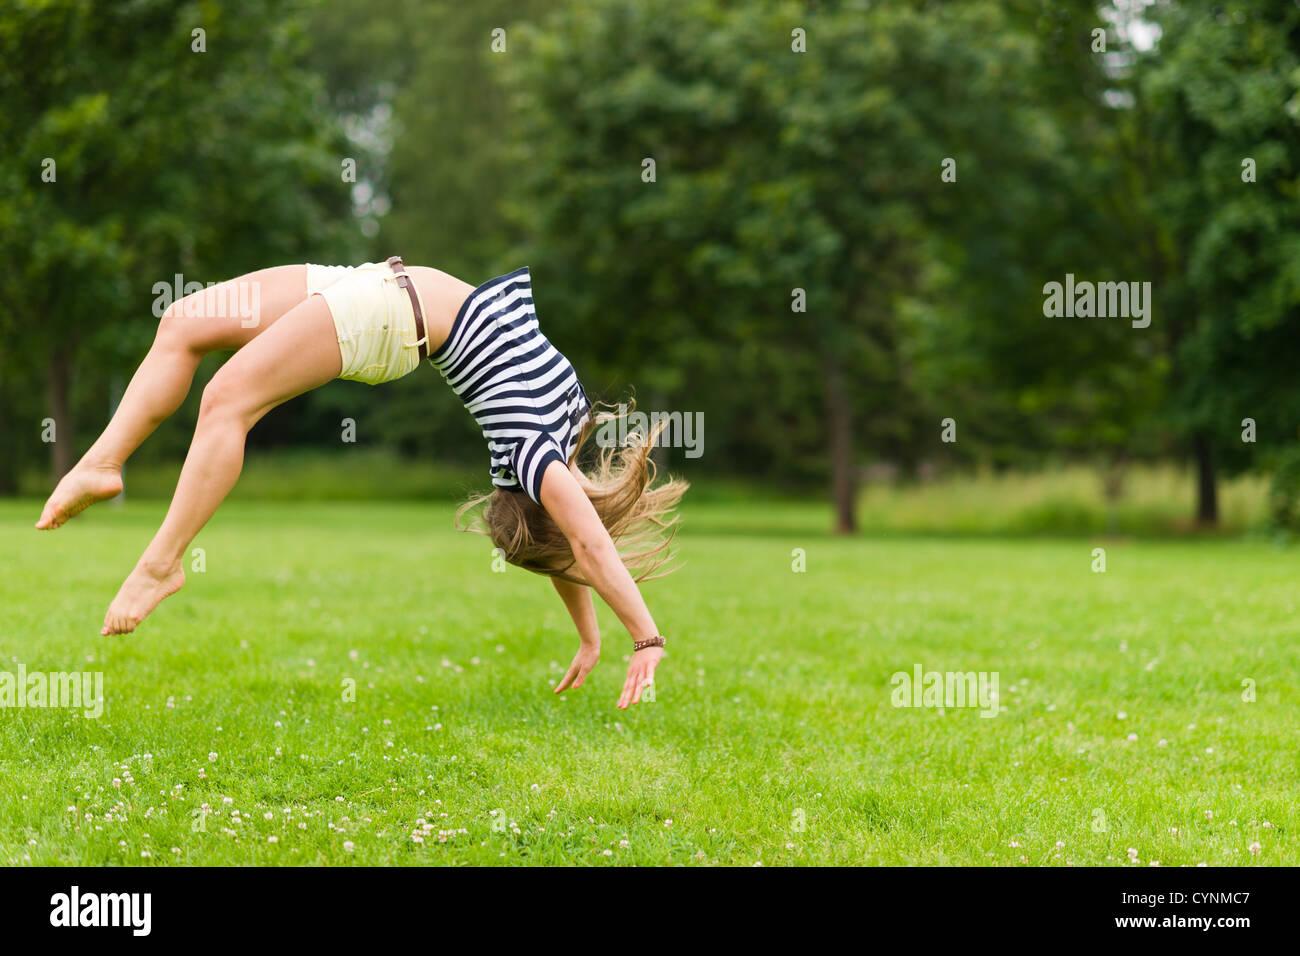 Giovane ragazza sportiva salta indietro al parco, immagine con profondità di campo ridotta Immagini Stock